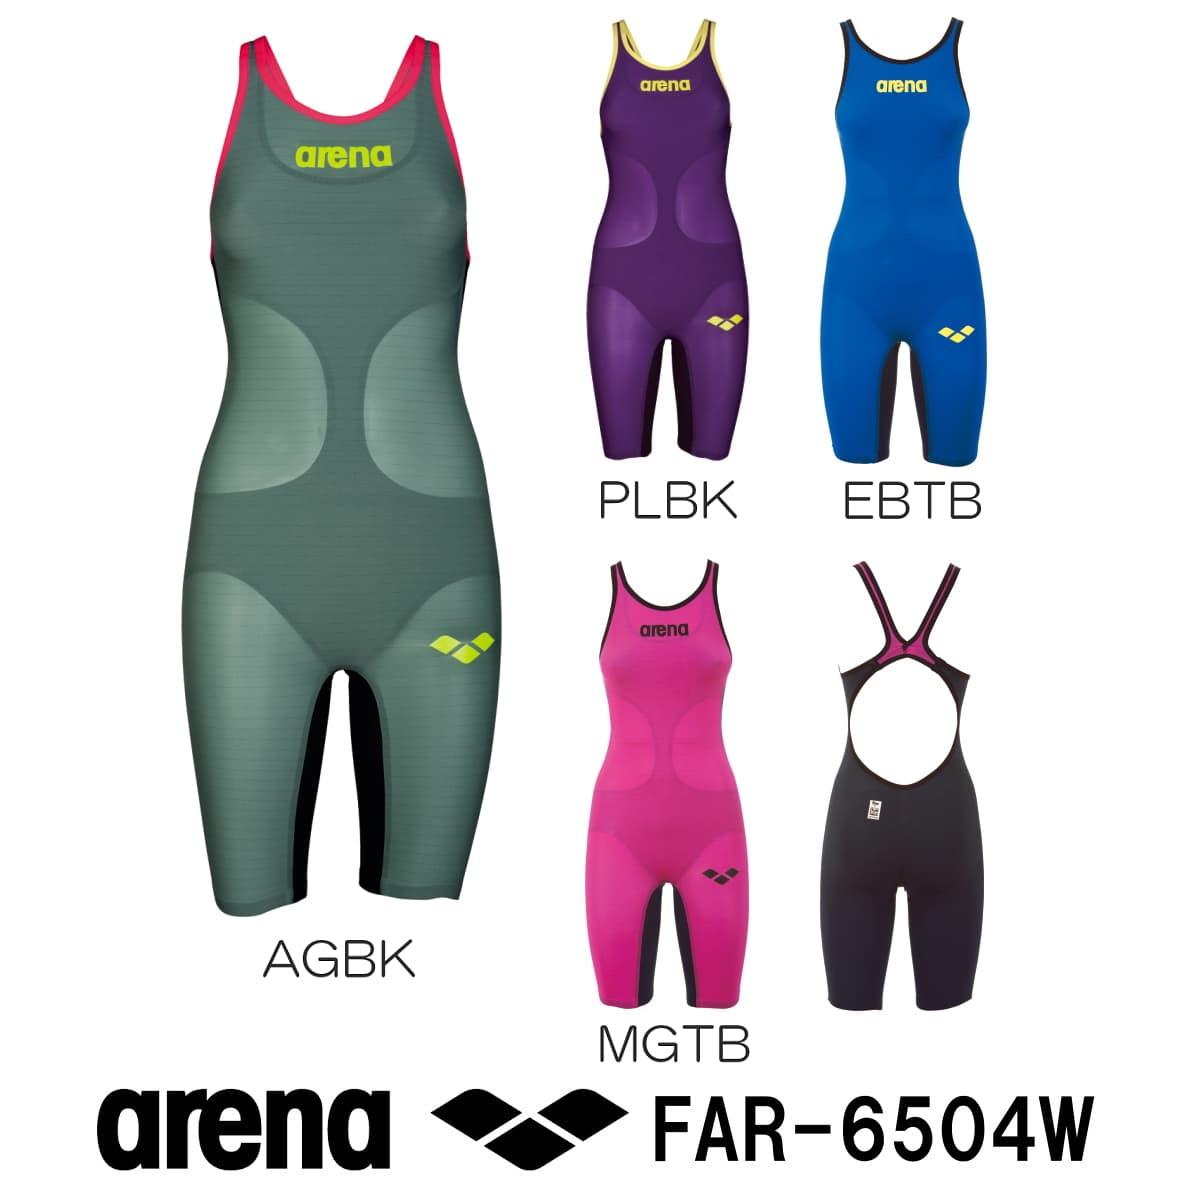 【期間中エントリー5倍&クーポン配布中】アリーナ ARENA 競泳水着 レディース ハーフスパッツオープンバック fina承認 POWERSKIN CARBON-AIR(パワースキン カーボン・エア) FAR-6504W